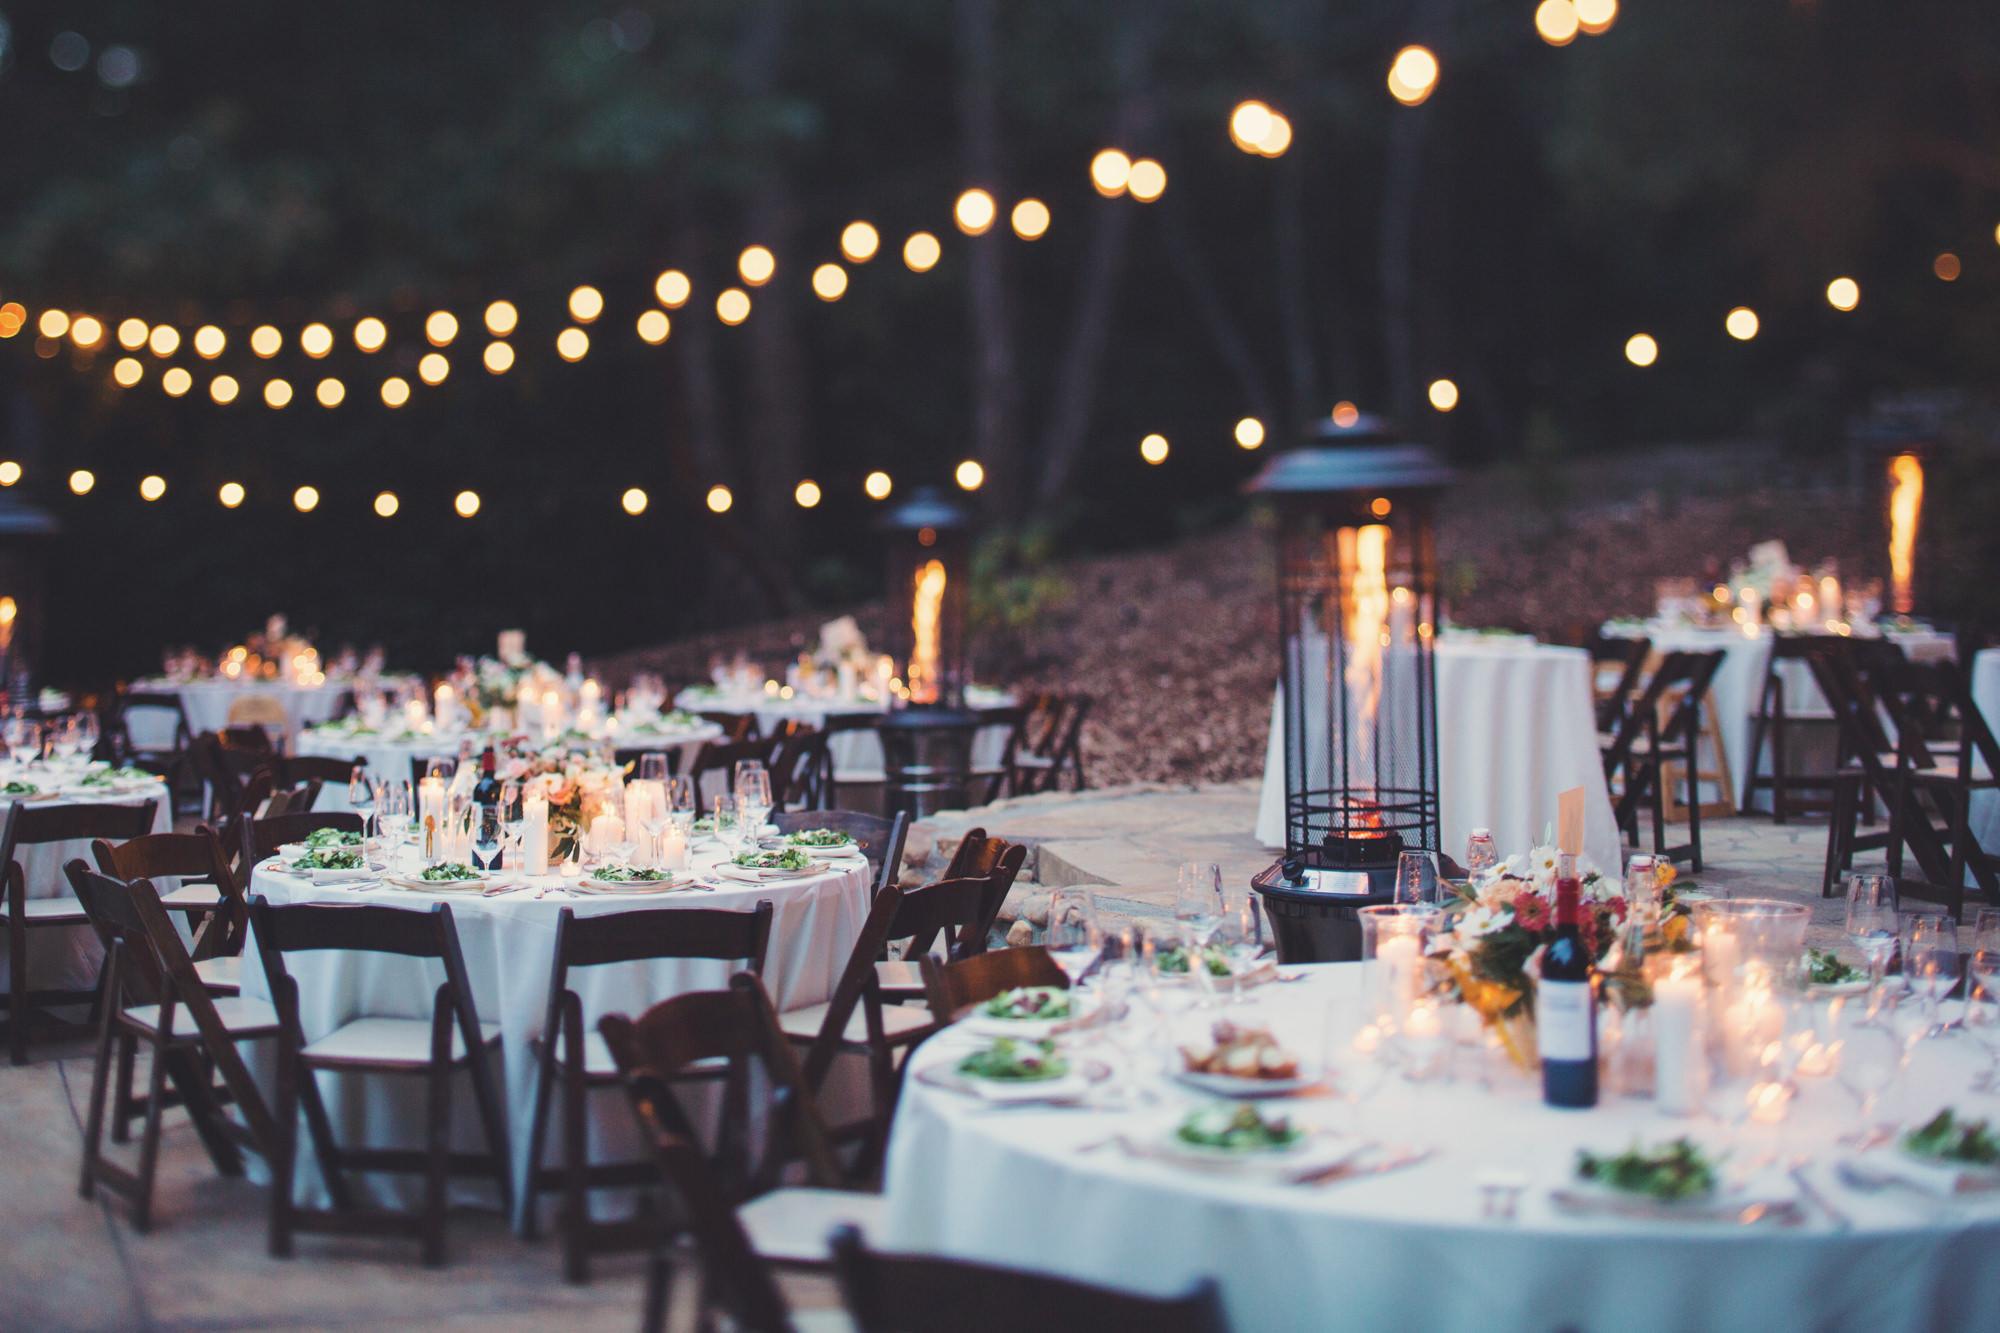 Sequoia Retreat Center Wedding@Anne-Claire Brun 189